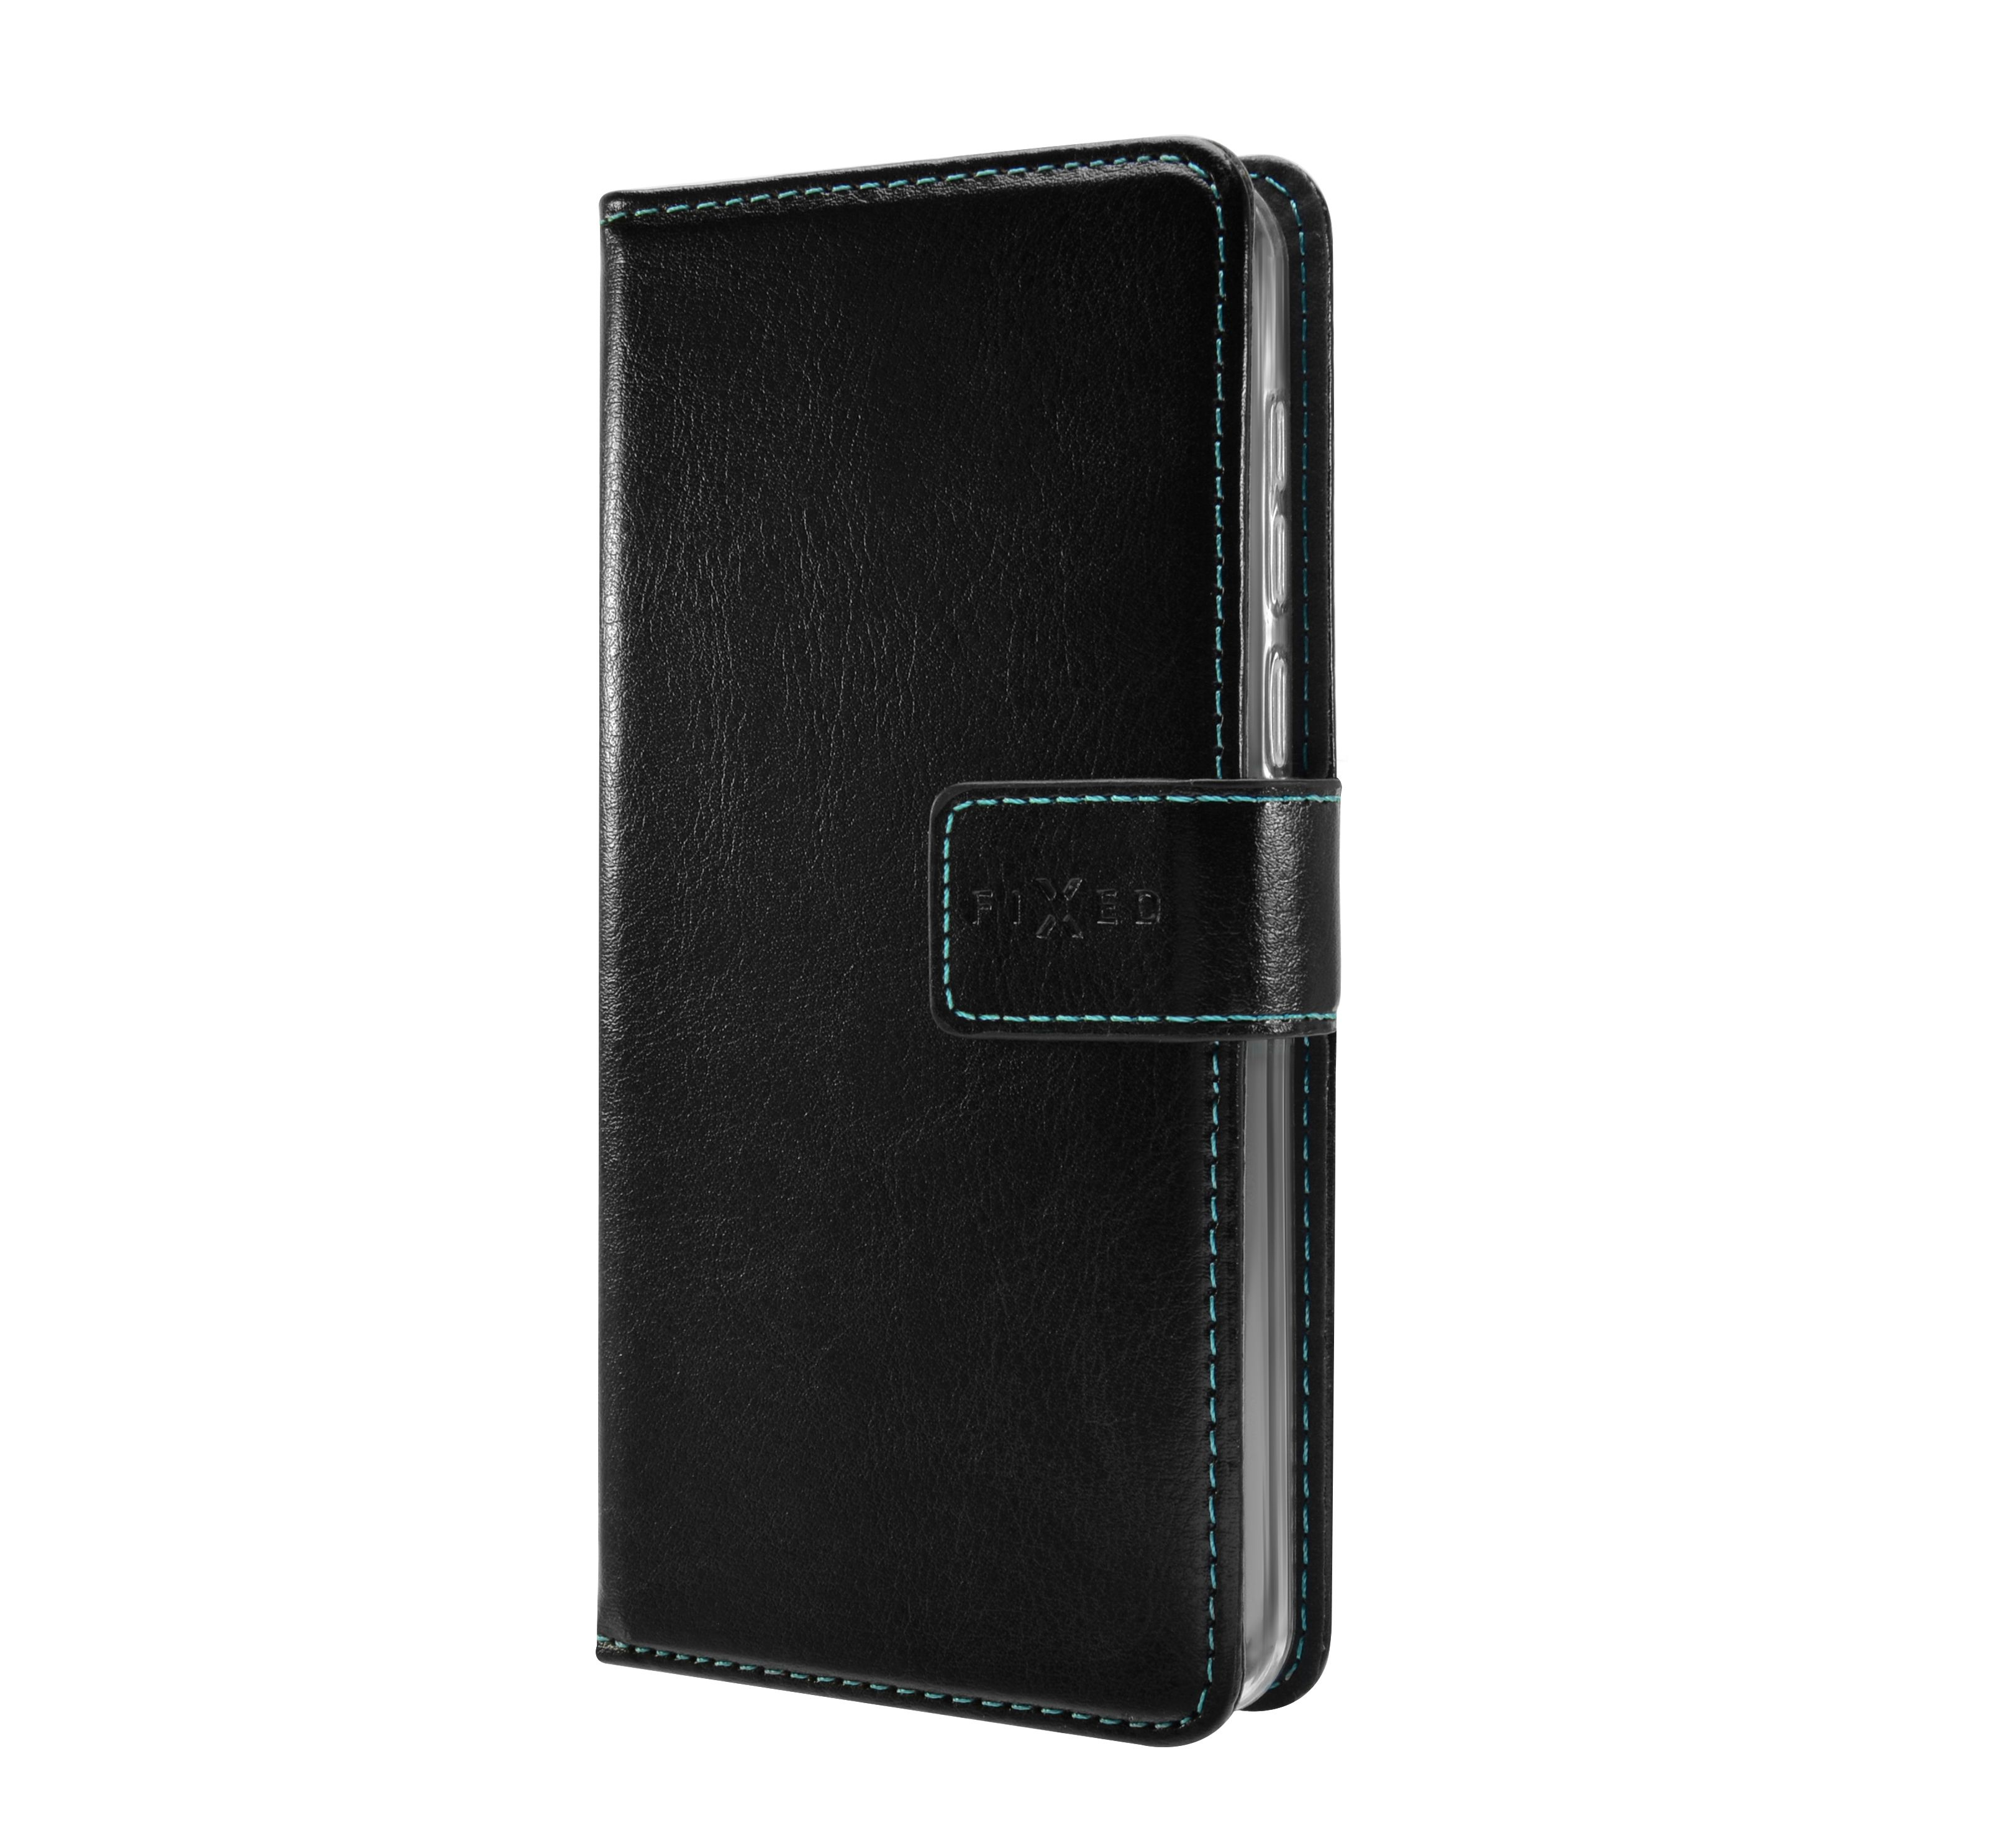 FIXED Opus flipové pouzdro pro Huawei Mate 20 Lite, černé